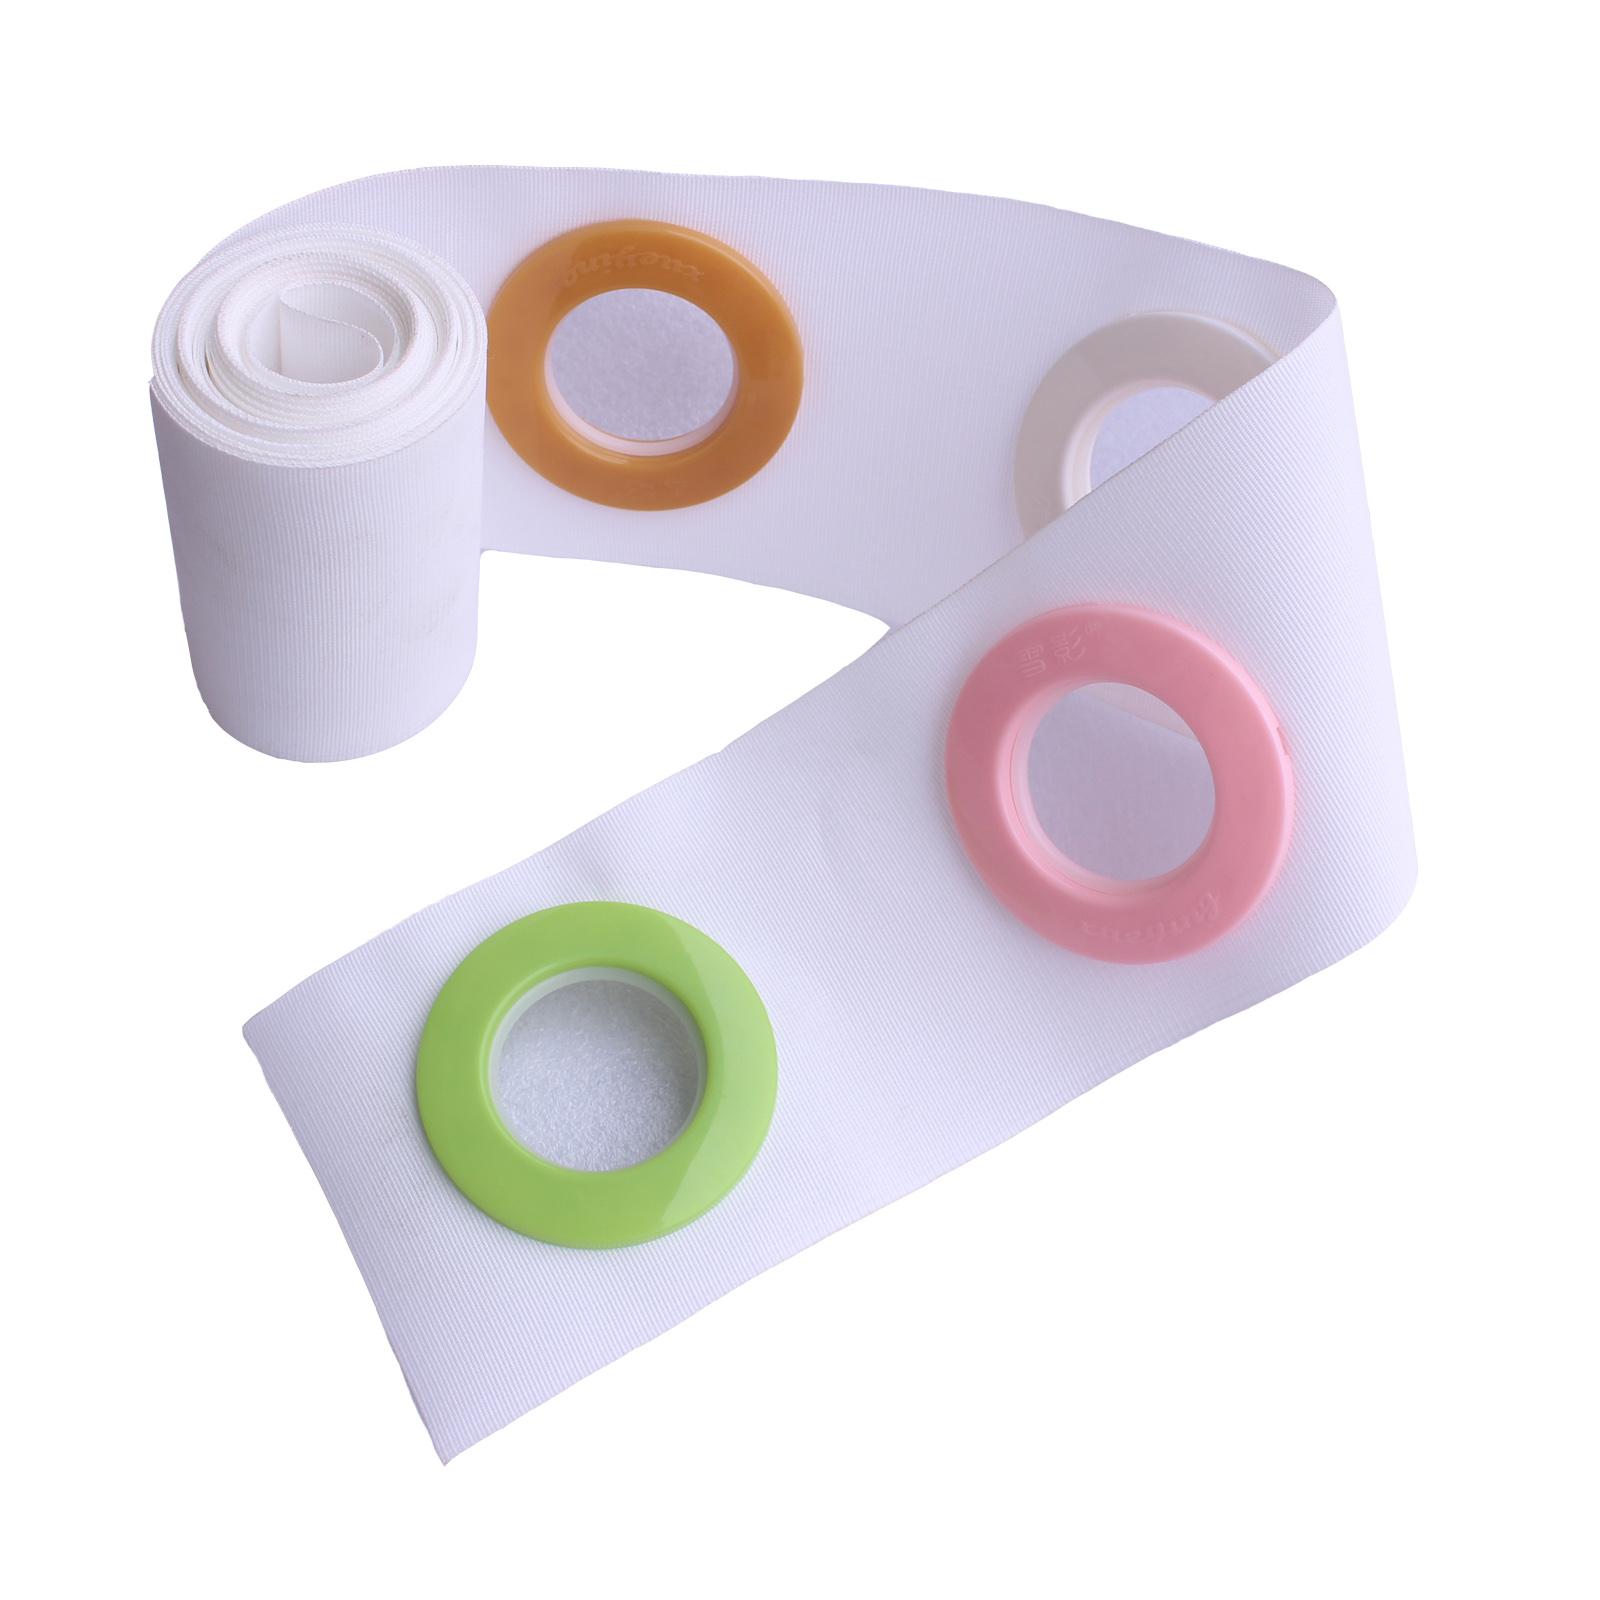 【10-66米】窗帘打孔带有纺布带 窗帘布带 耐水洗平带白布条